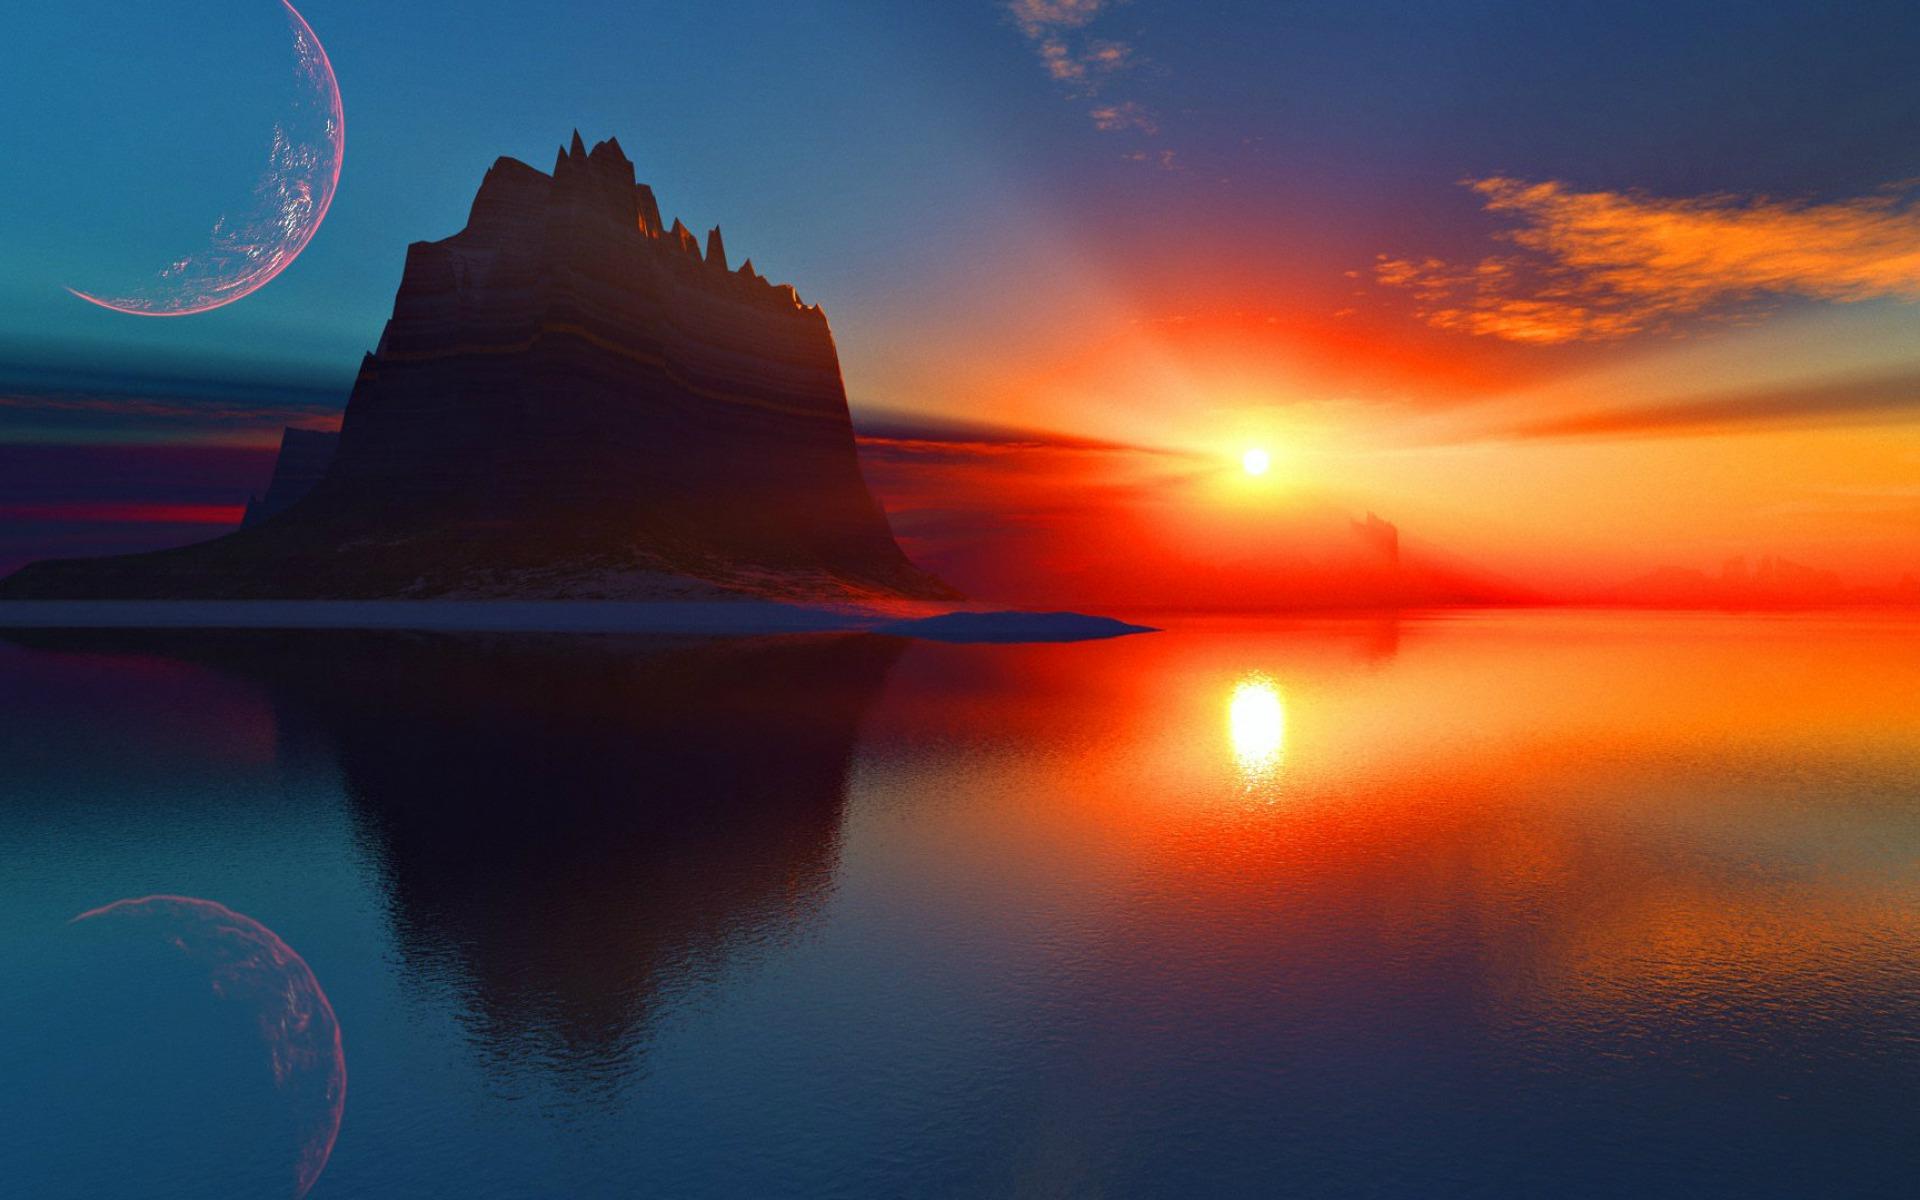 Les 30 plus beaux couchers de soleil travers le monde la liste - Palpitations le soir au coucher ...